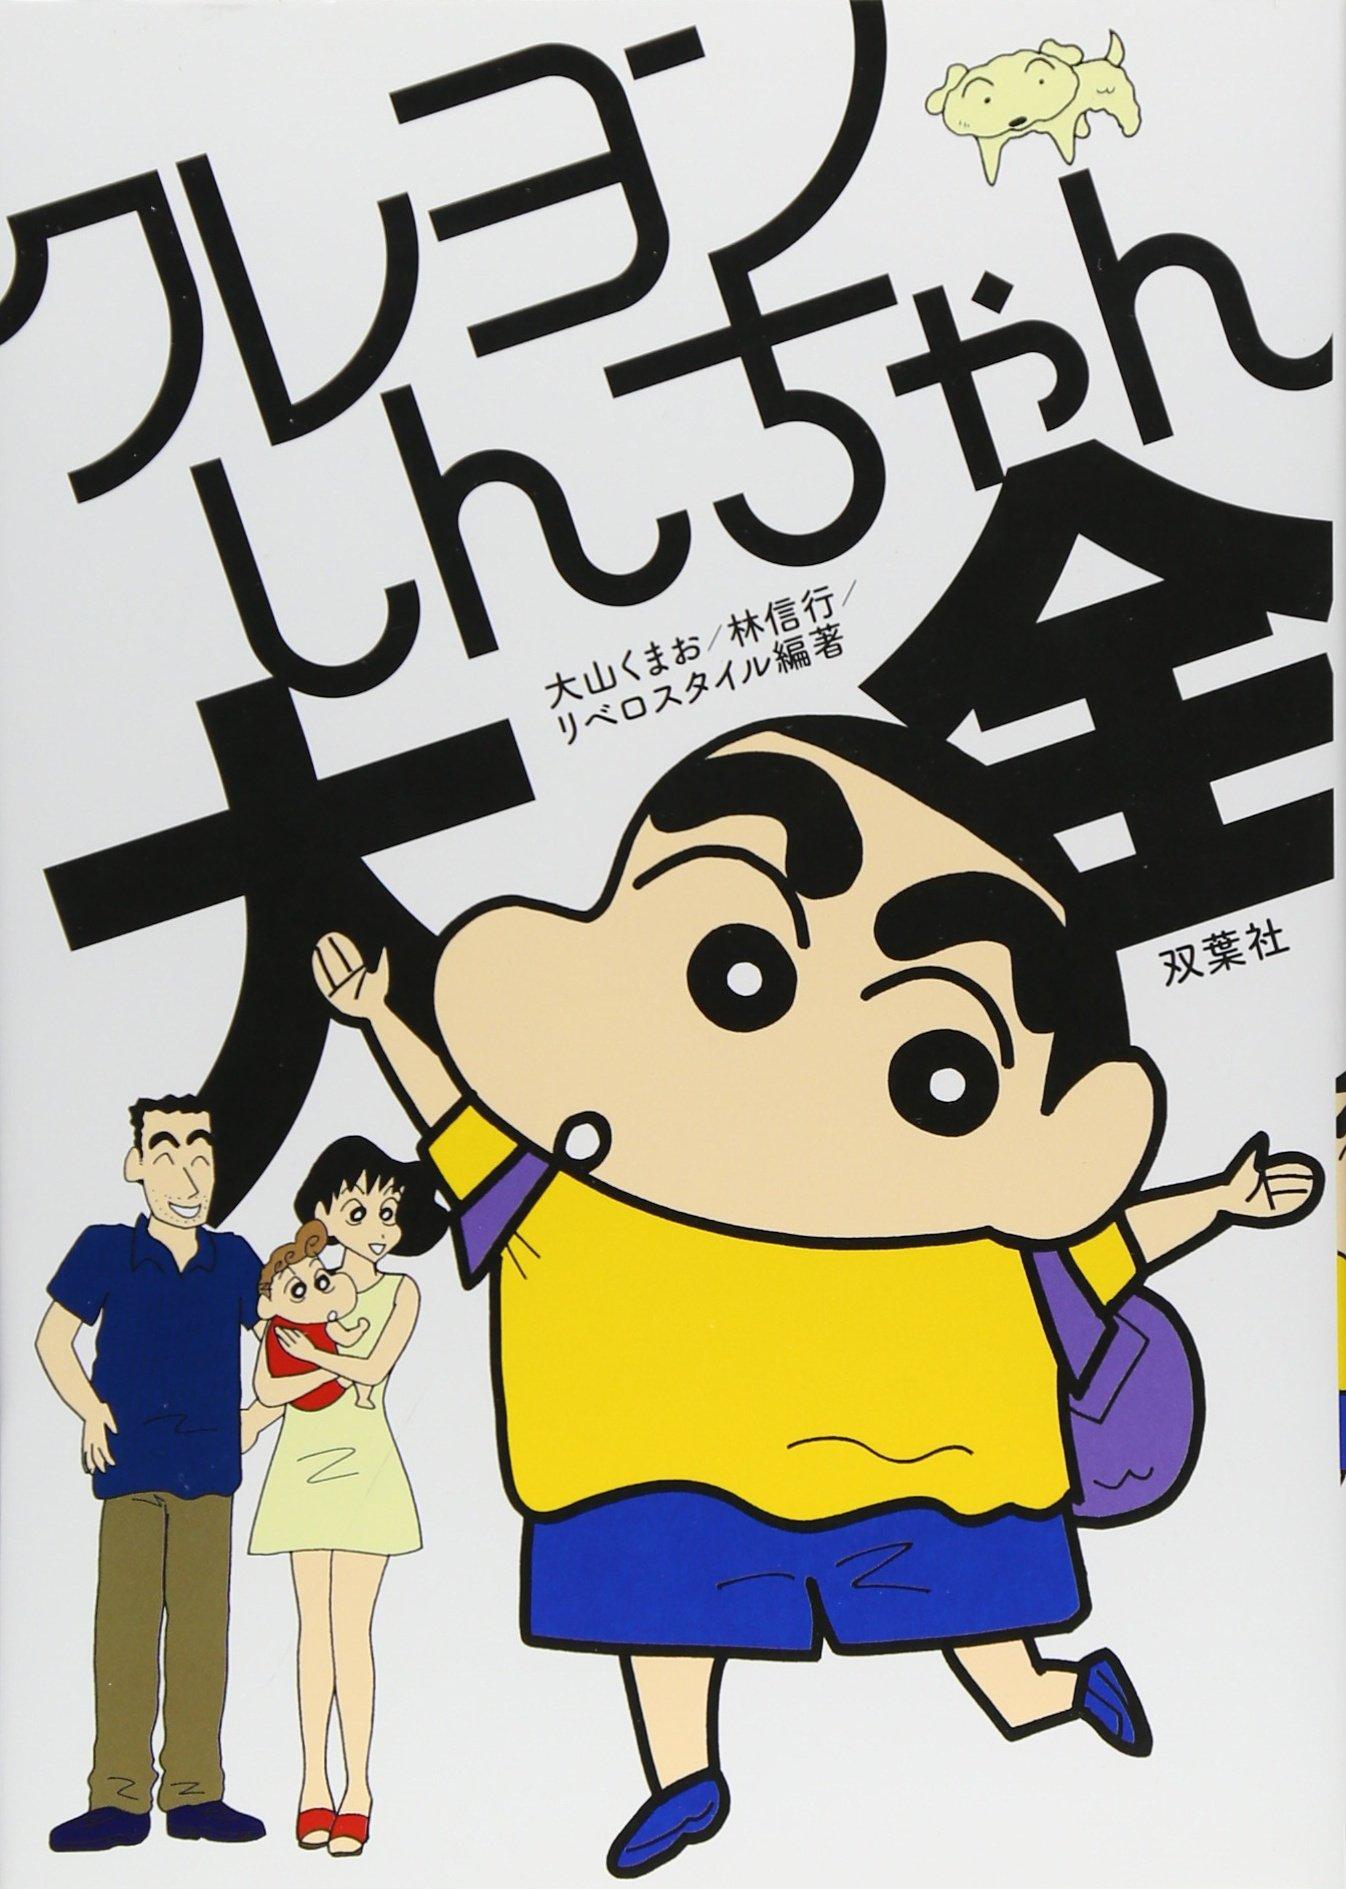 クレヨンしんちゃん大全 大山 くまお 林 信行 リベロスタイル 本